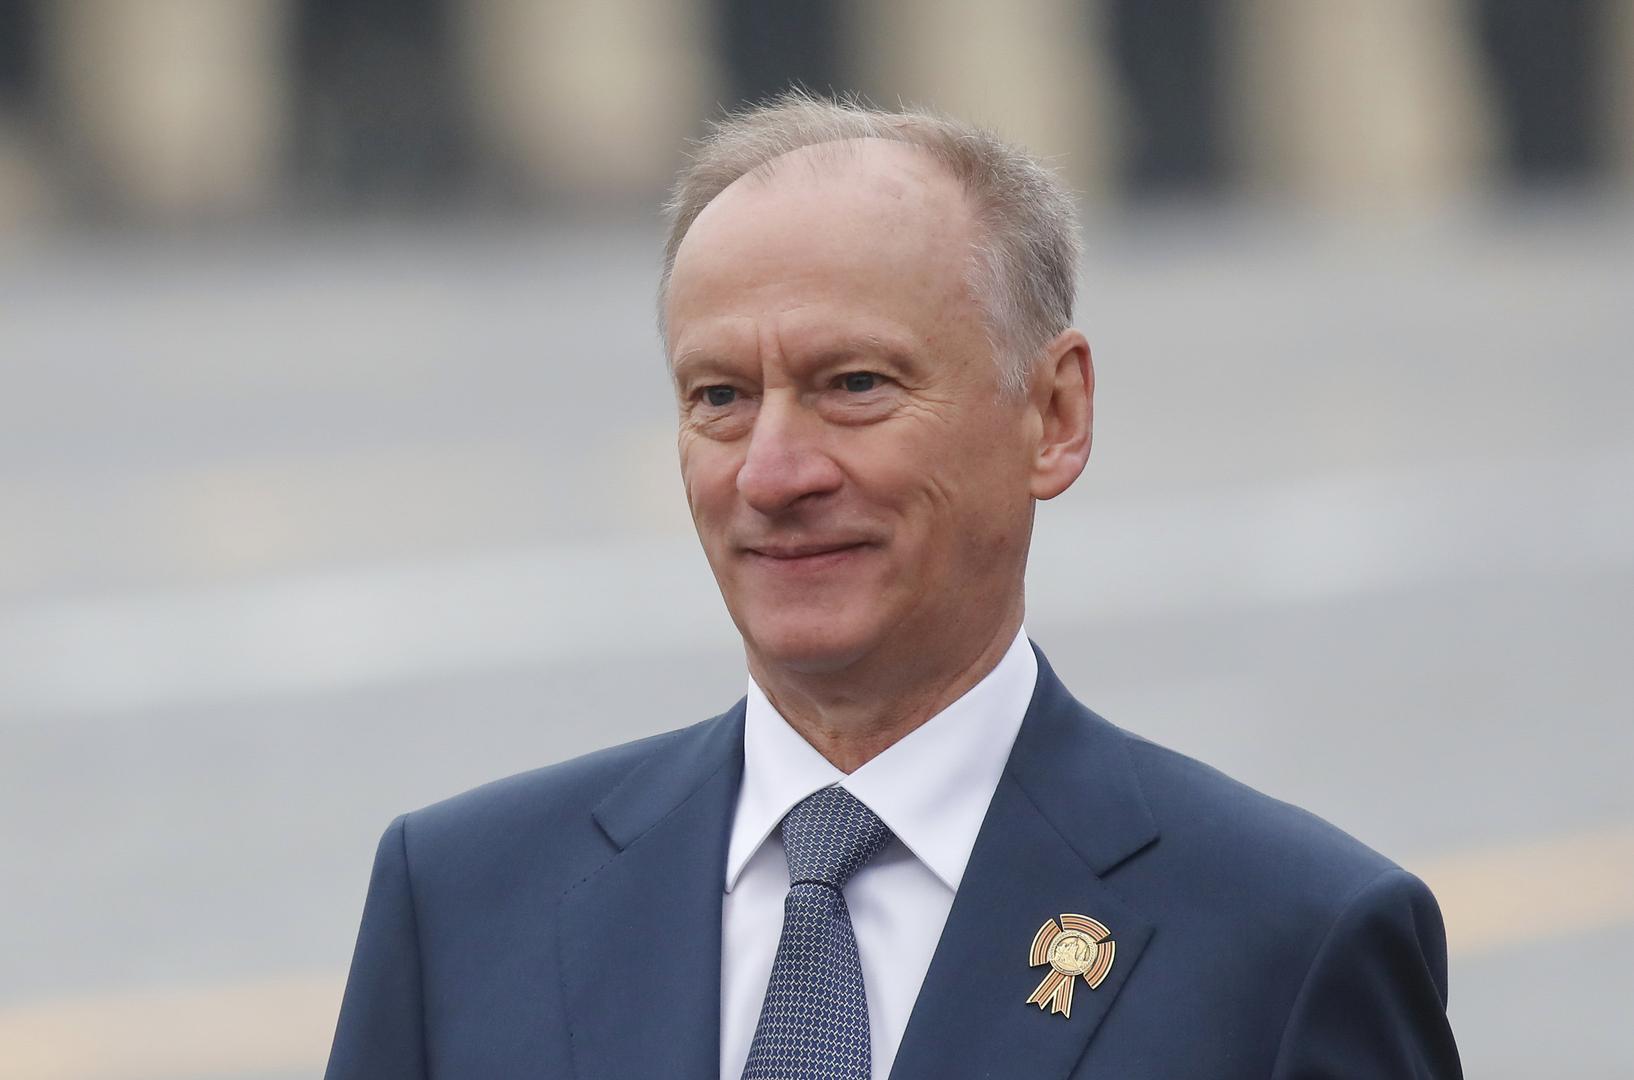 باتروشيف: نافالني يحتاجه الغرب لزعزعة الاستقرار في روسيا